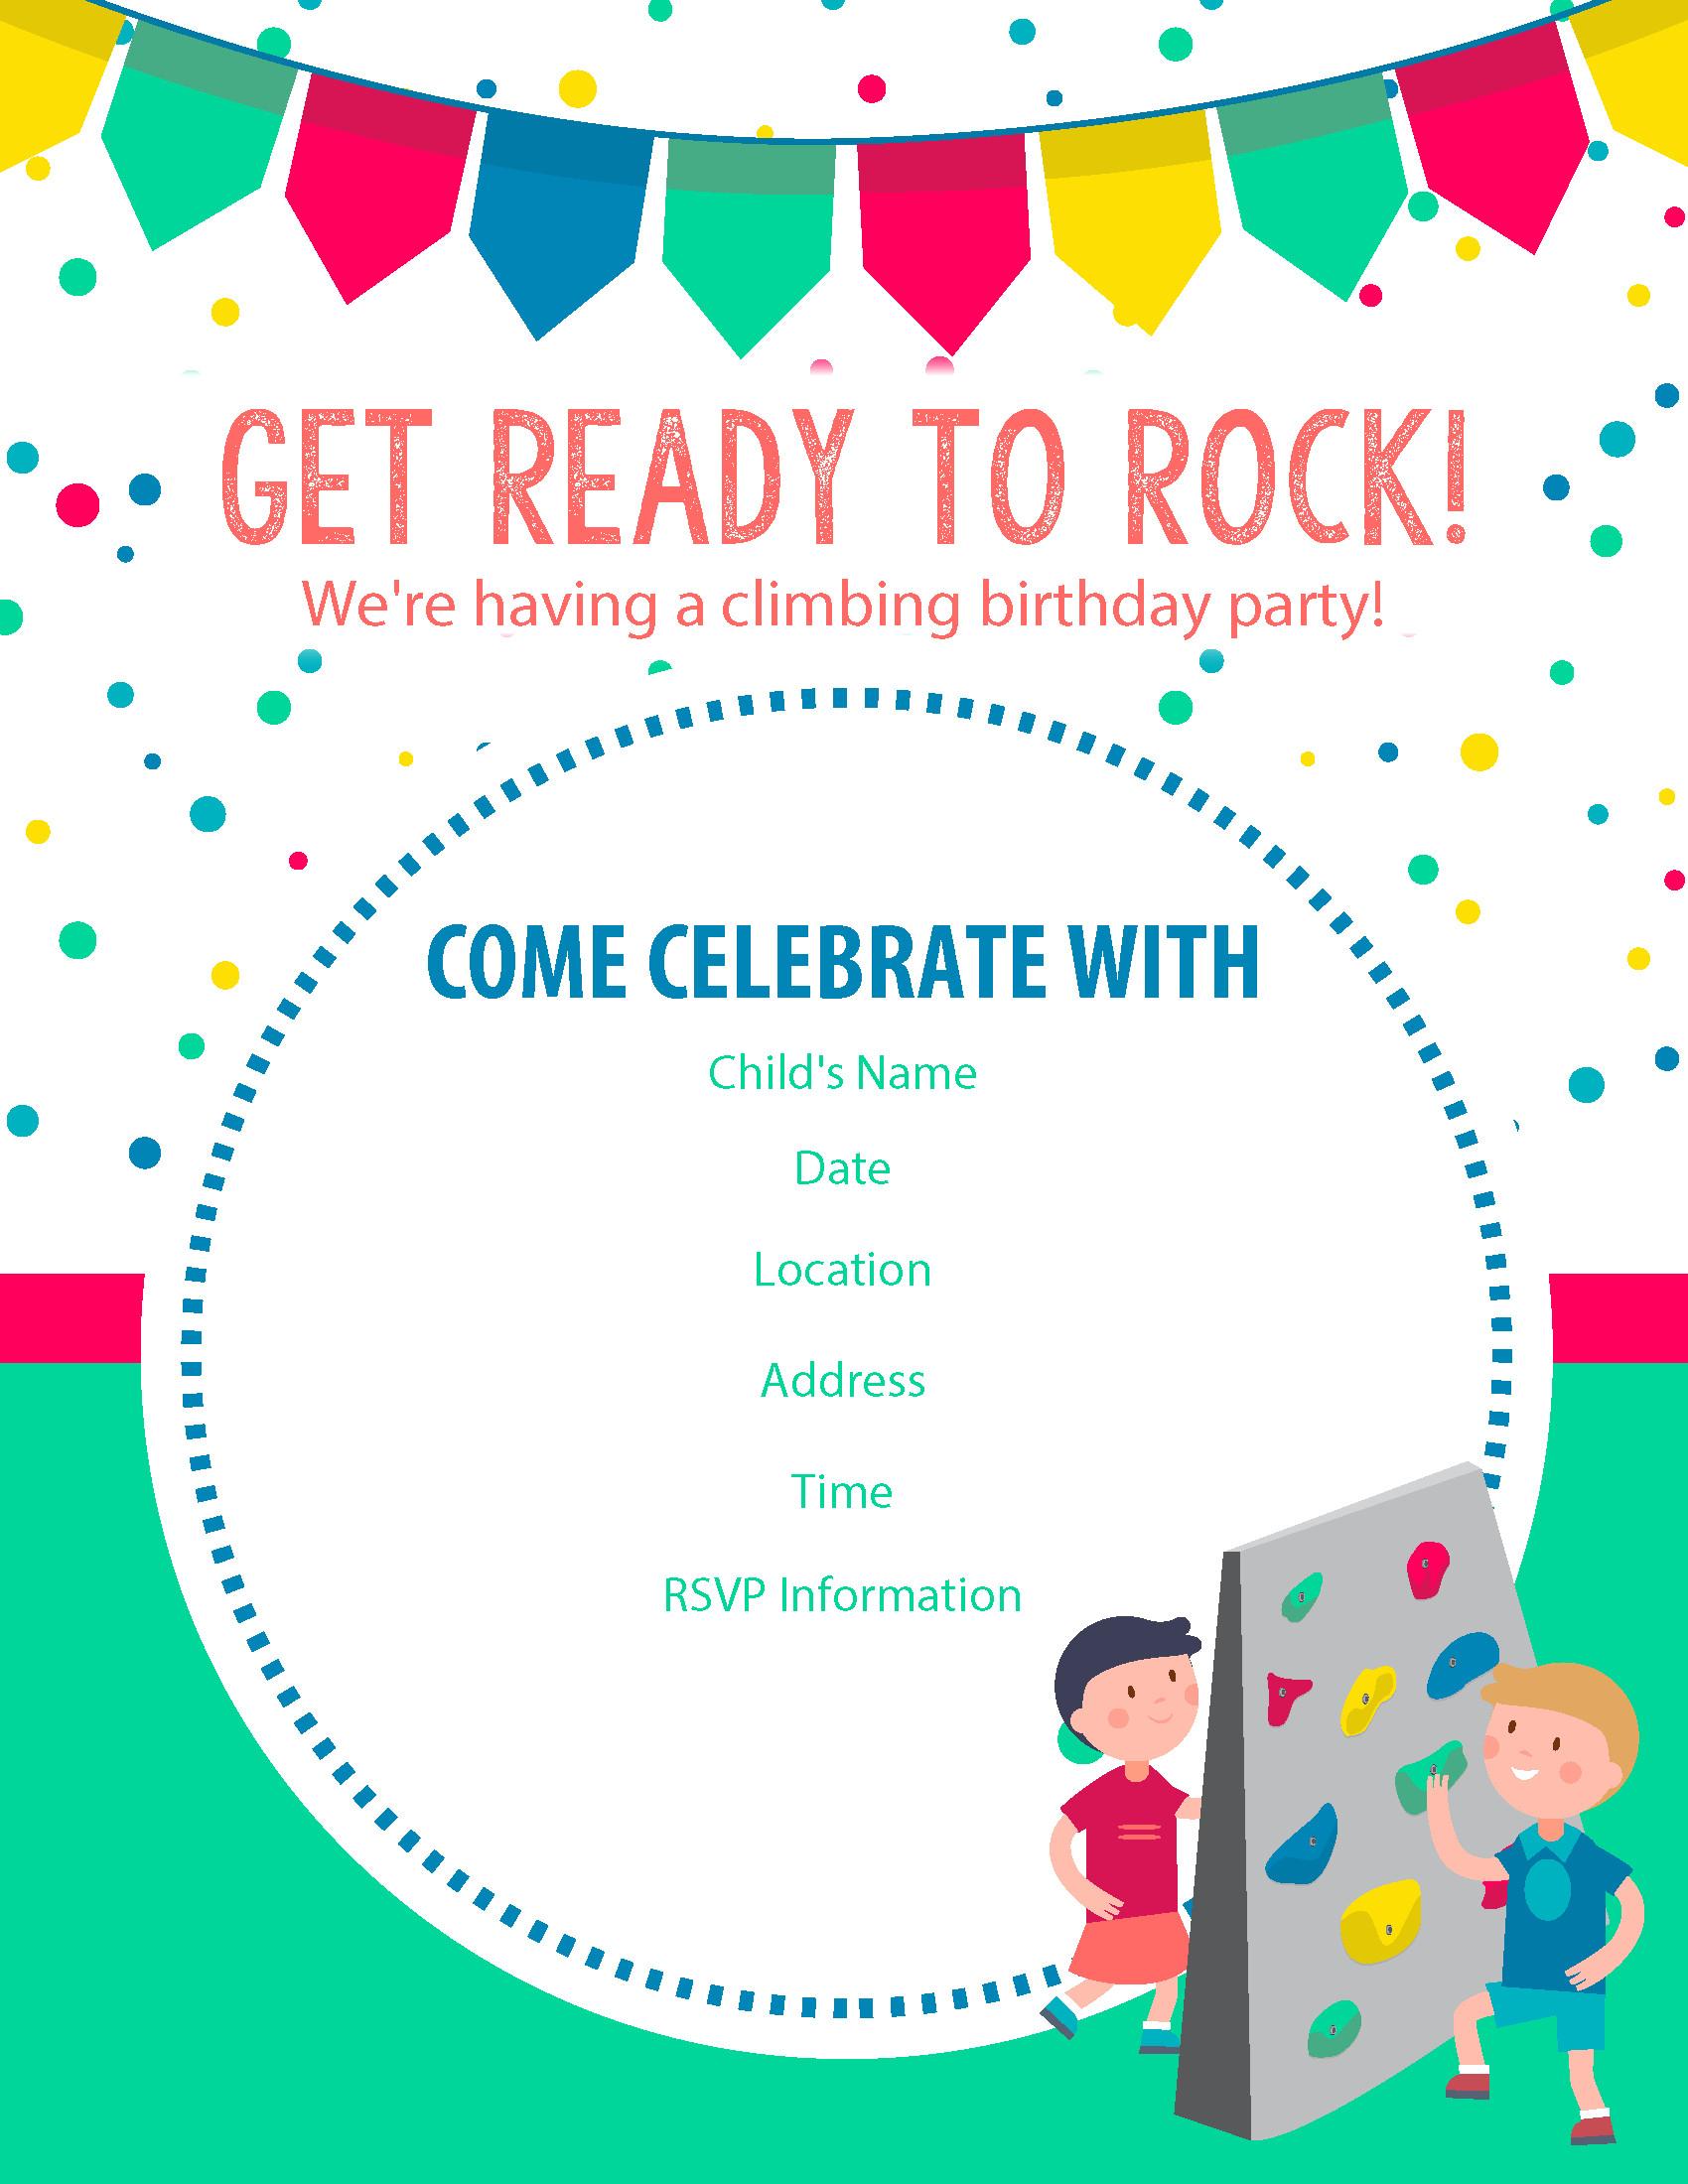 Invitation Birthday Party  Happy Birthday Free Rock Climbing Birthday Party Invitations